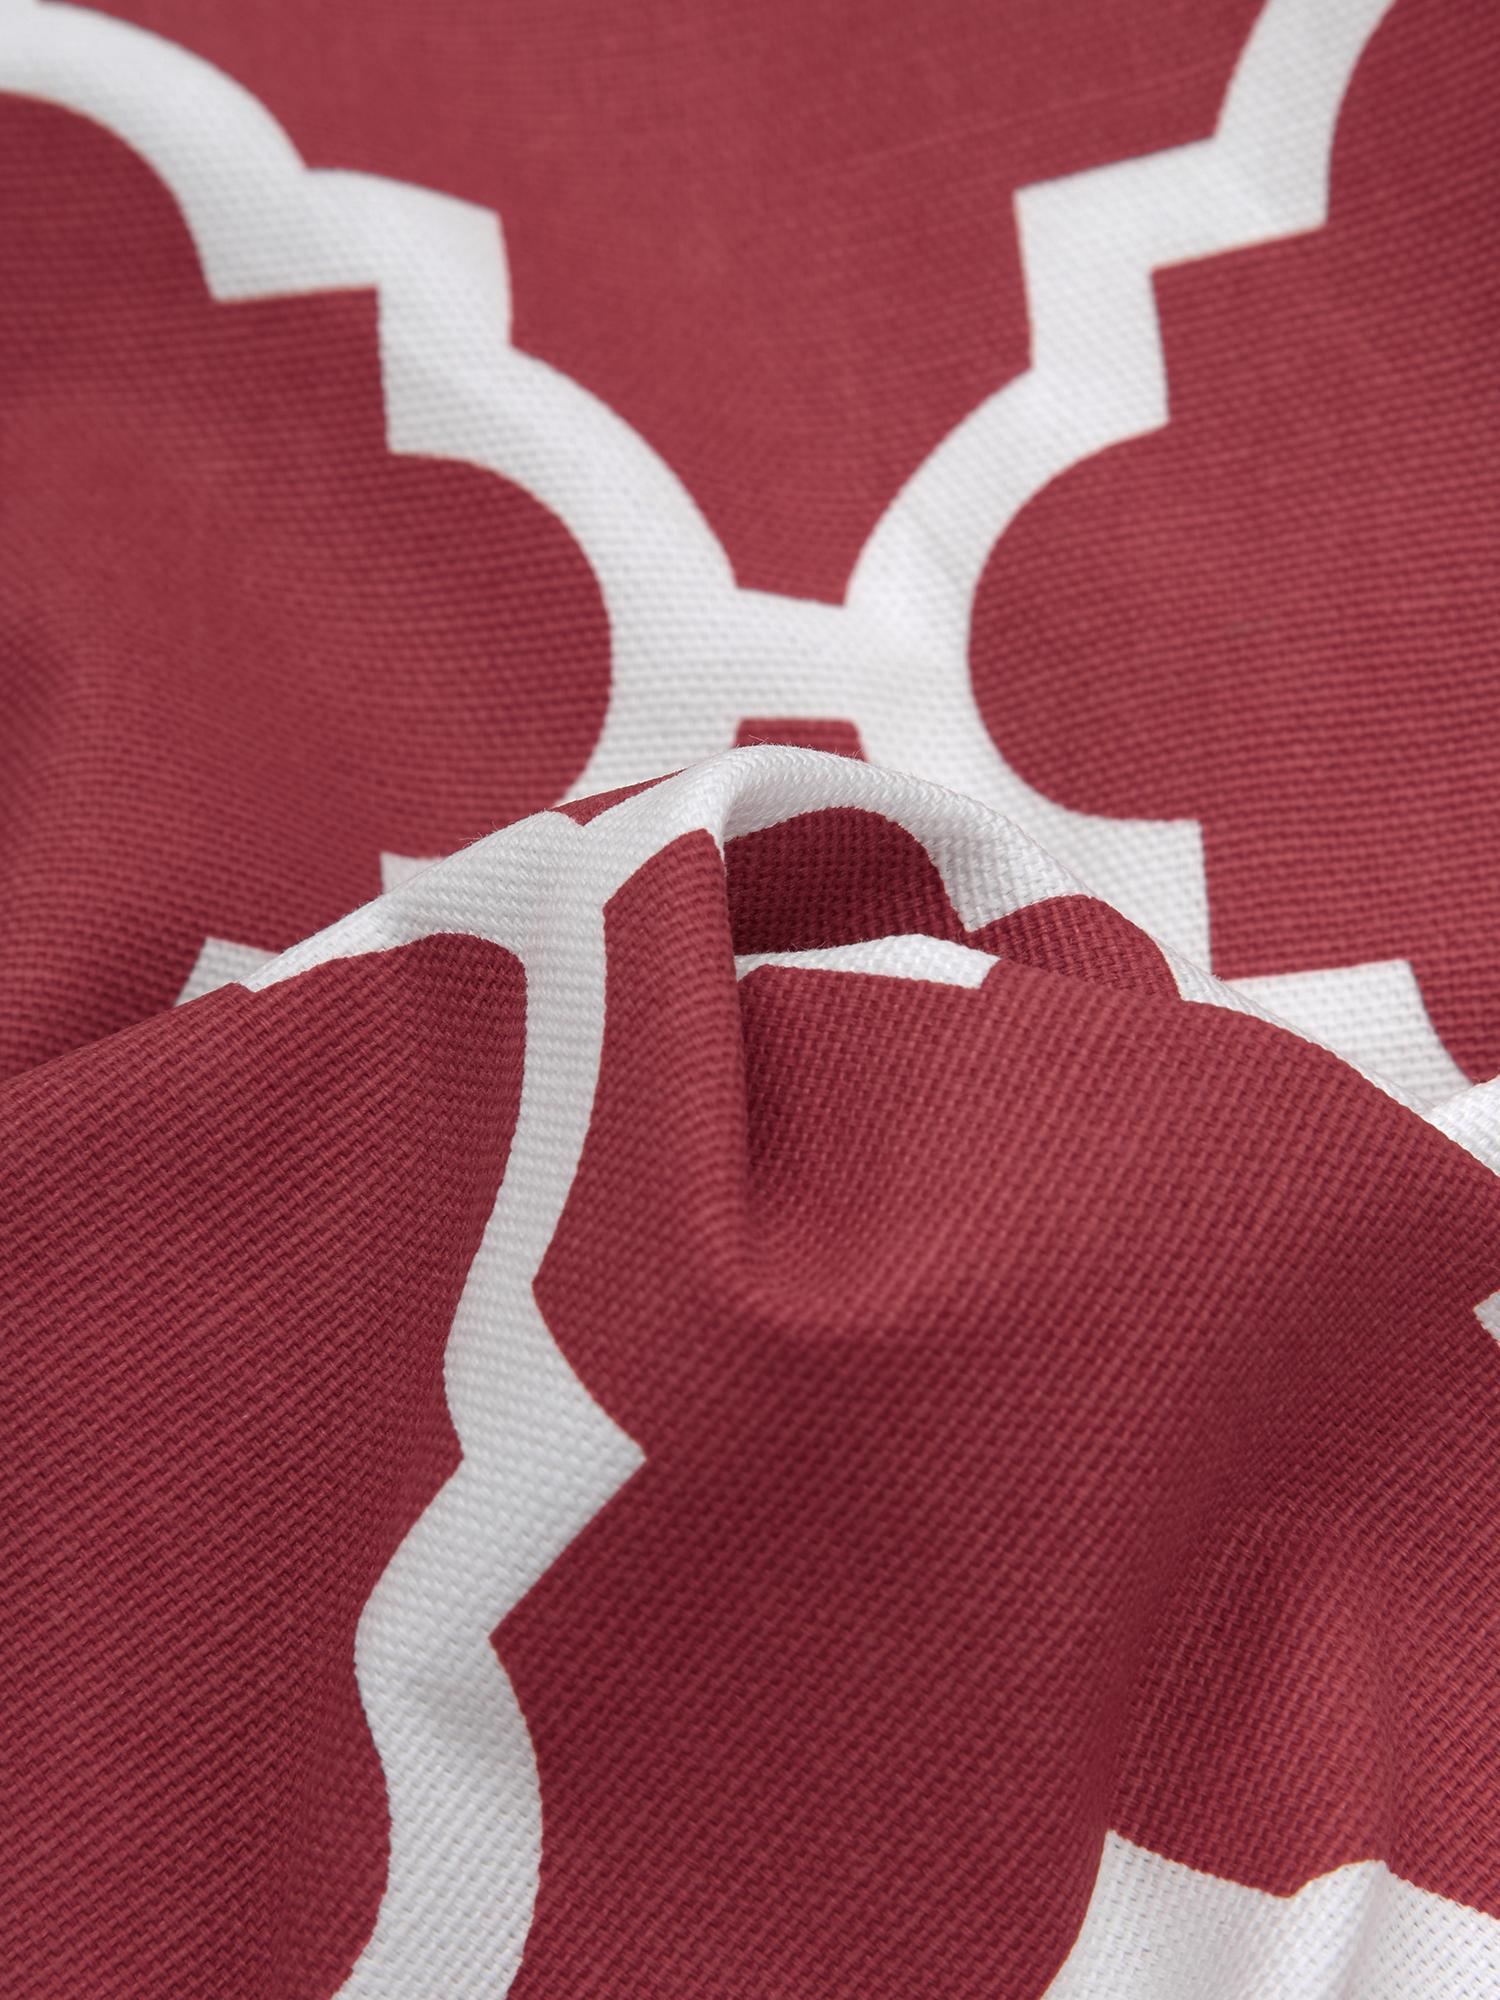 Kissenhülle Lana mit grafischem Muster, 100% Baumwolle, Dunkelrot, Weiß, 45 x 45 cm